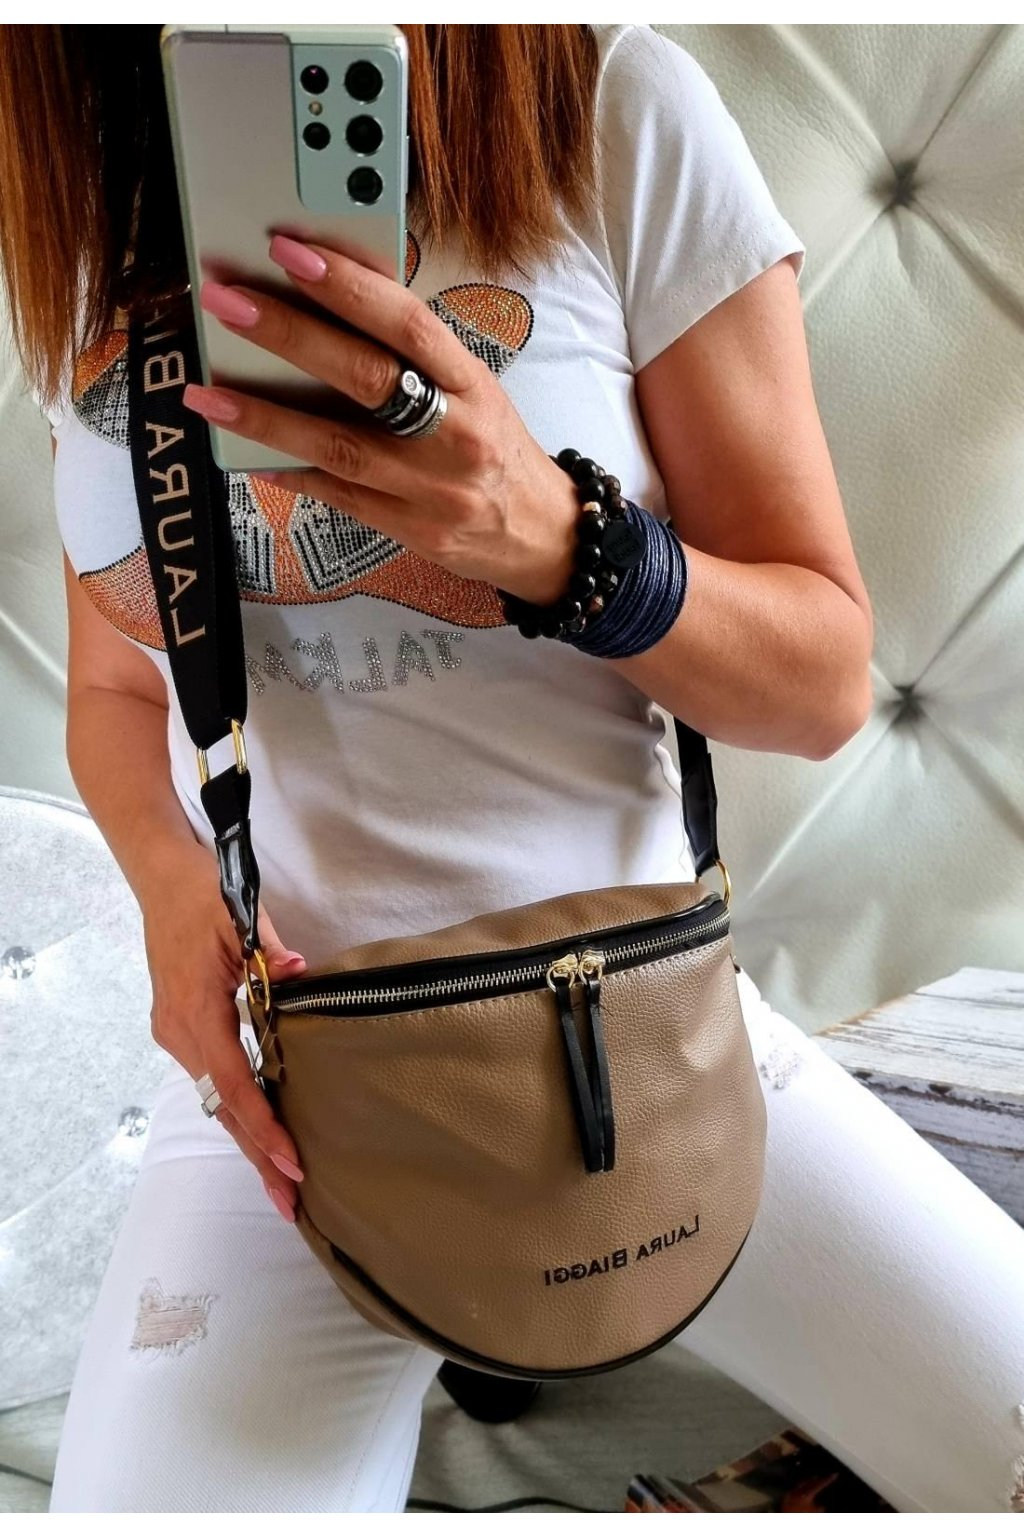 KATYS béžová crossbody luxusní značková kabelka laura biaggi